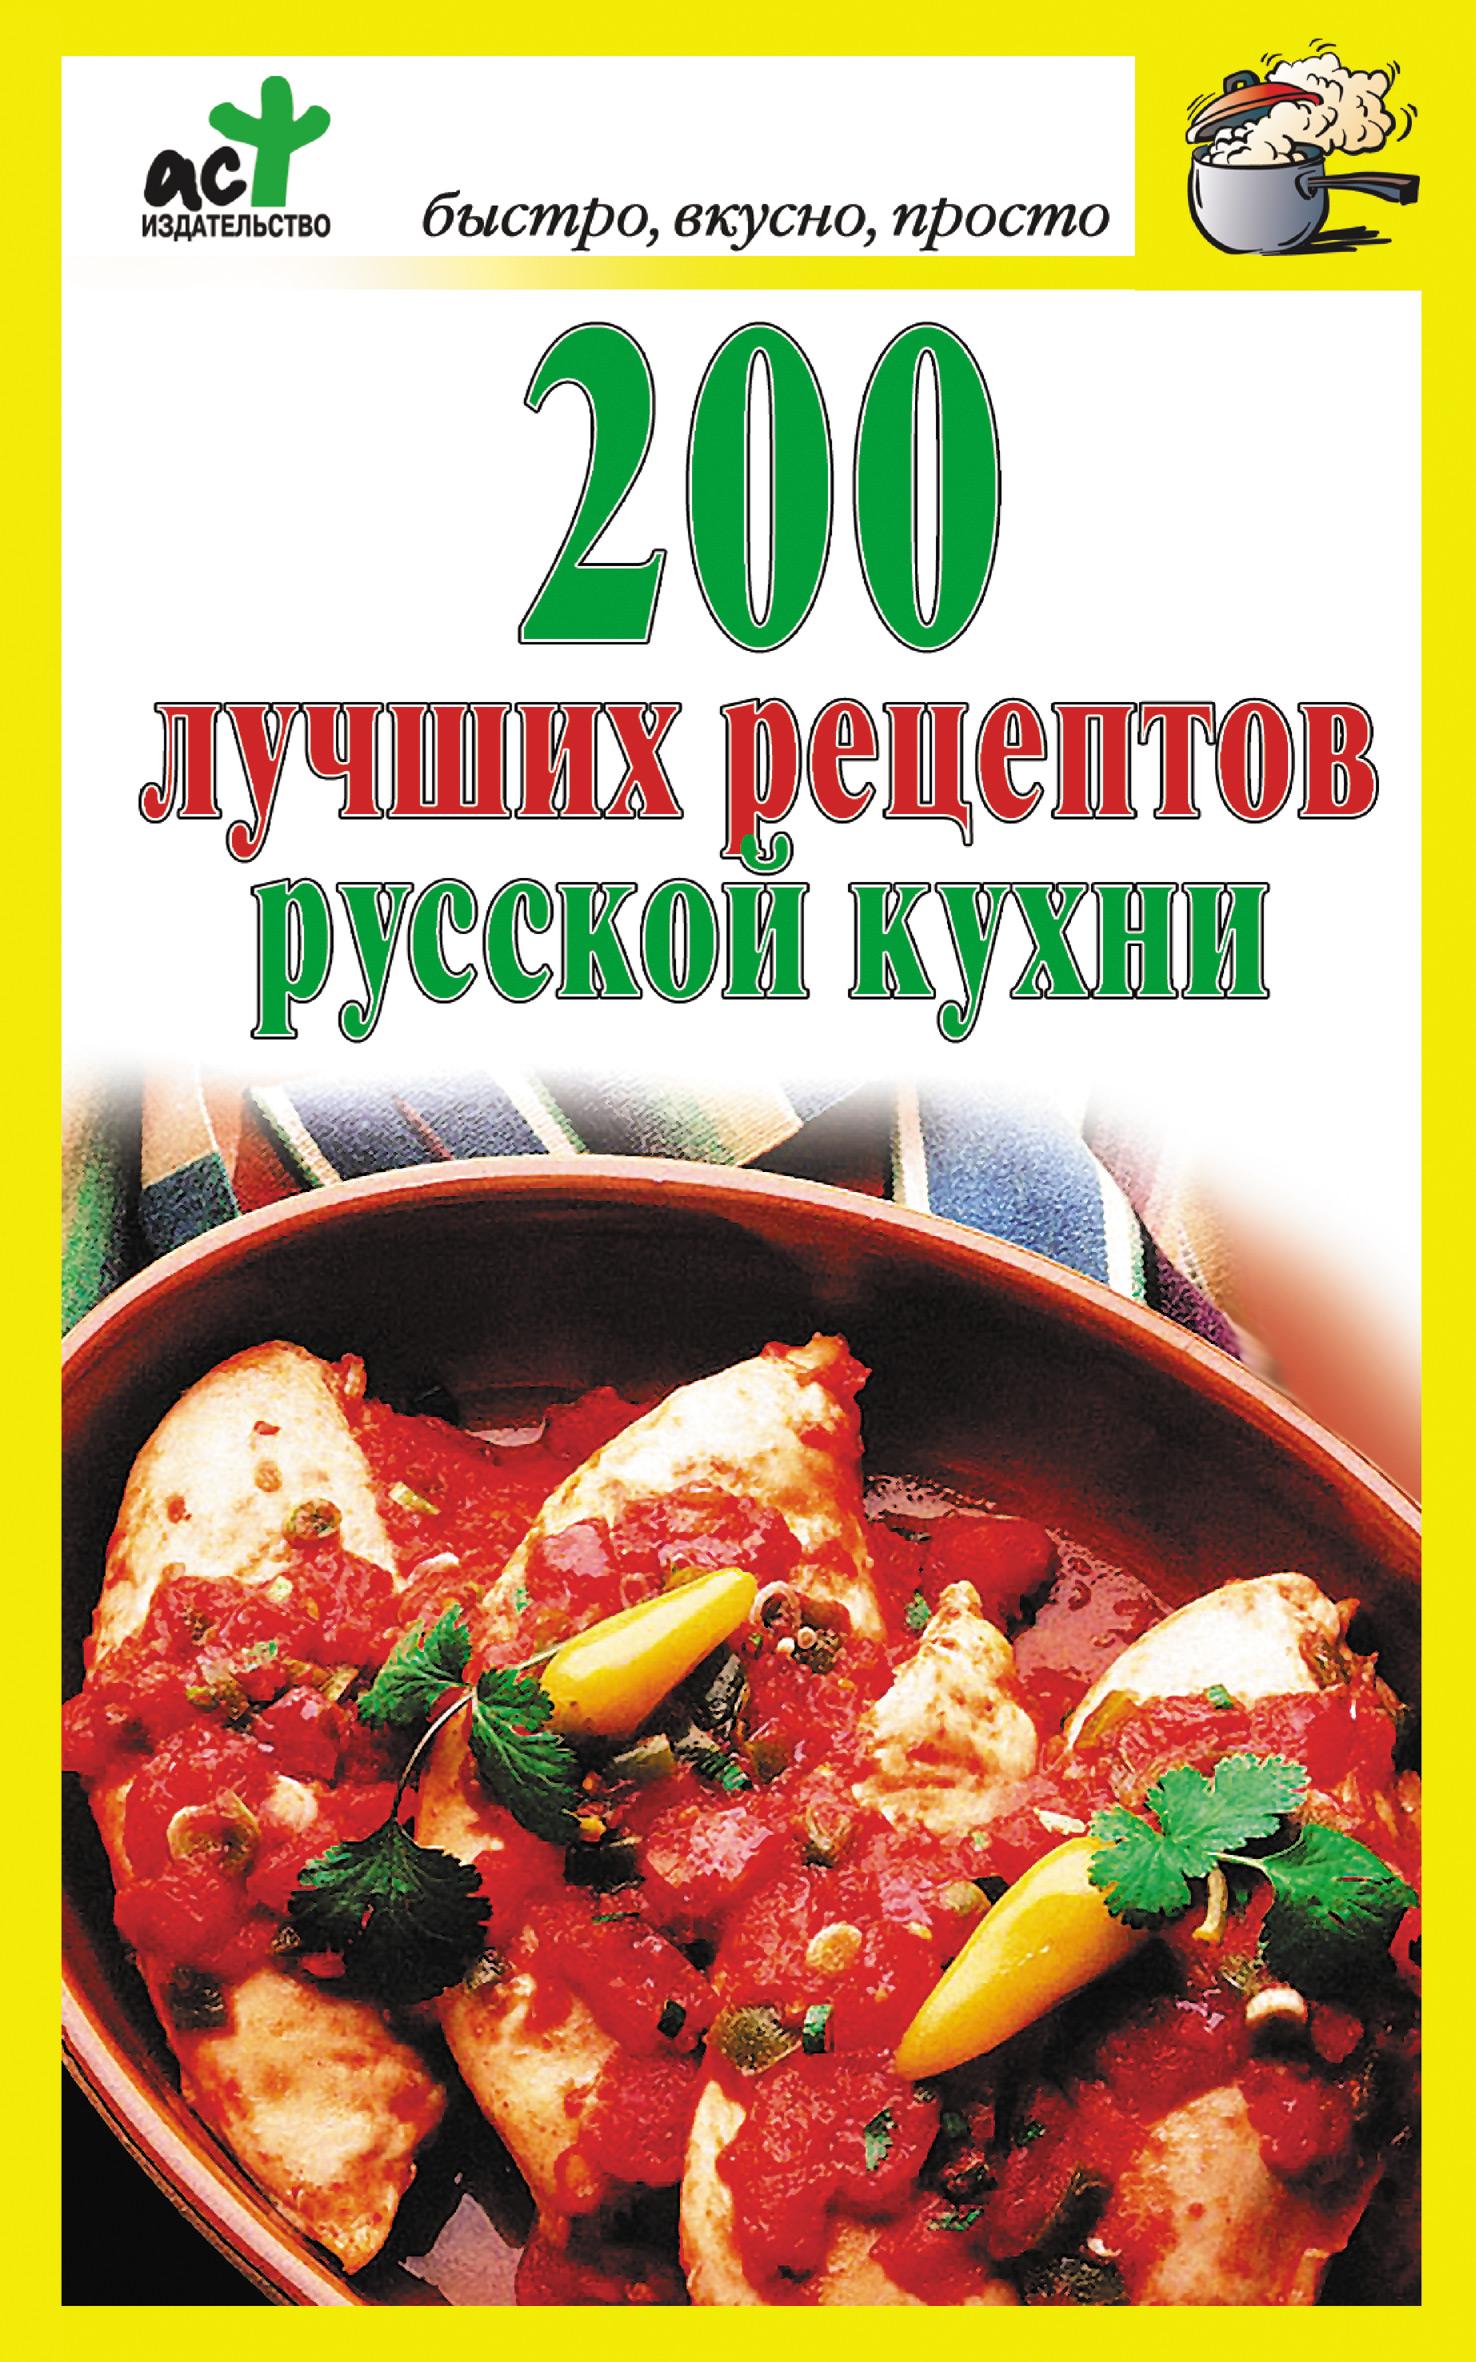 Отсутствует 200 лучших рецептов русской кухни 250 рецептов русской кухни